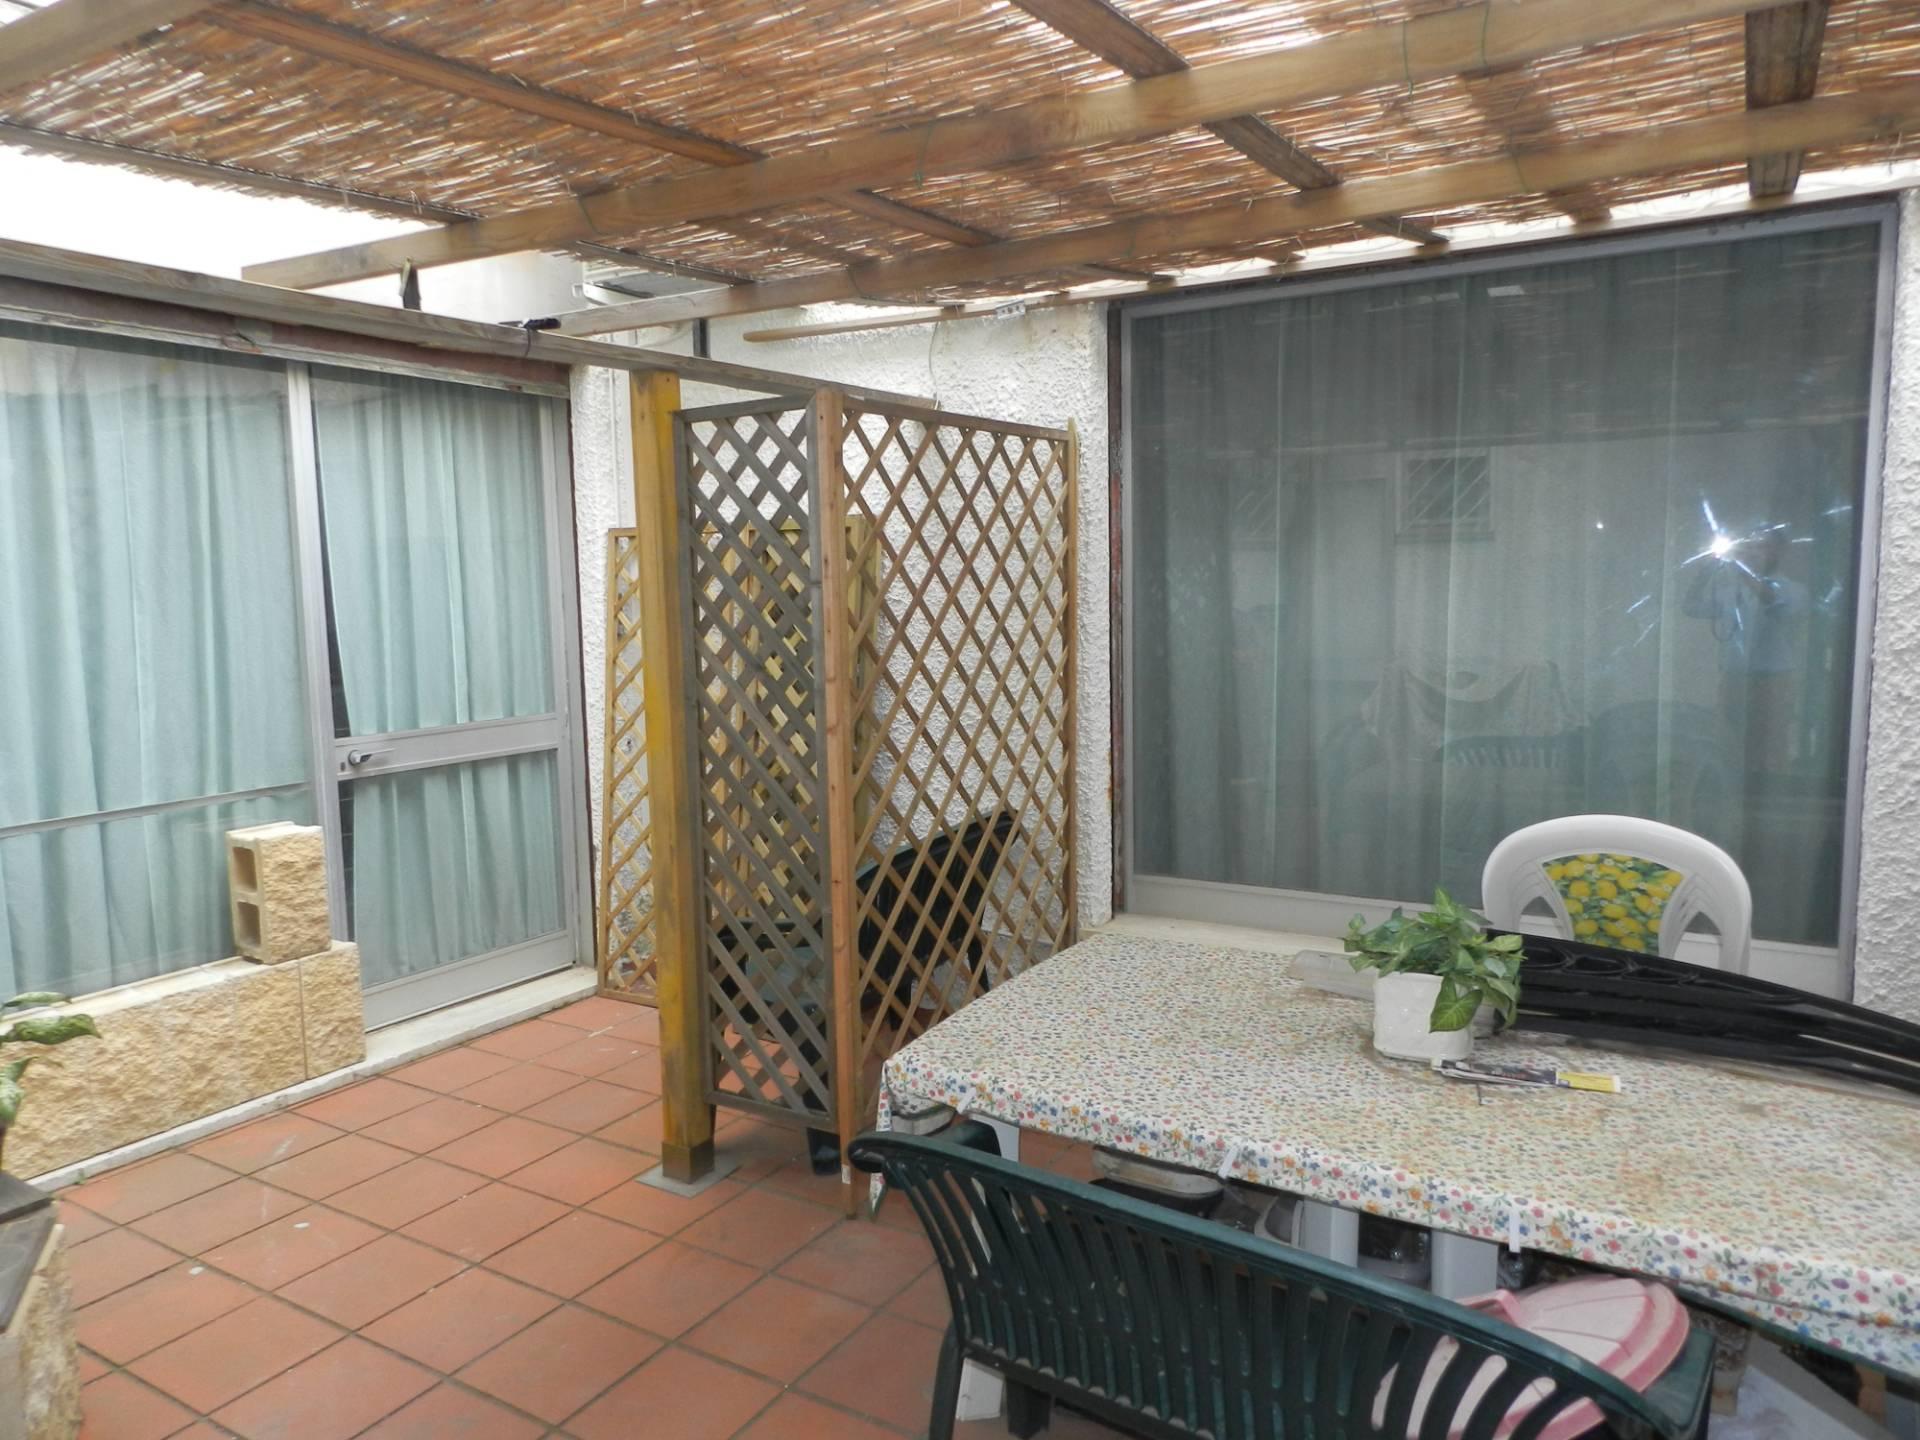 Negozio / Locale in vendita a Santa Marinella, 9999 locali, zona Località: Centro, prezzo € 80.000 | CambioCasa.it